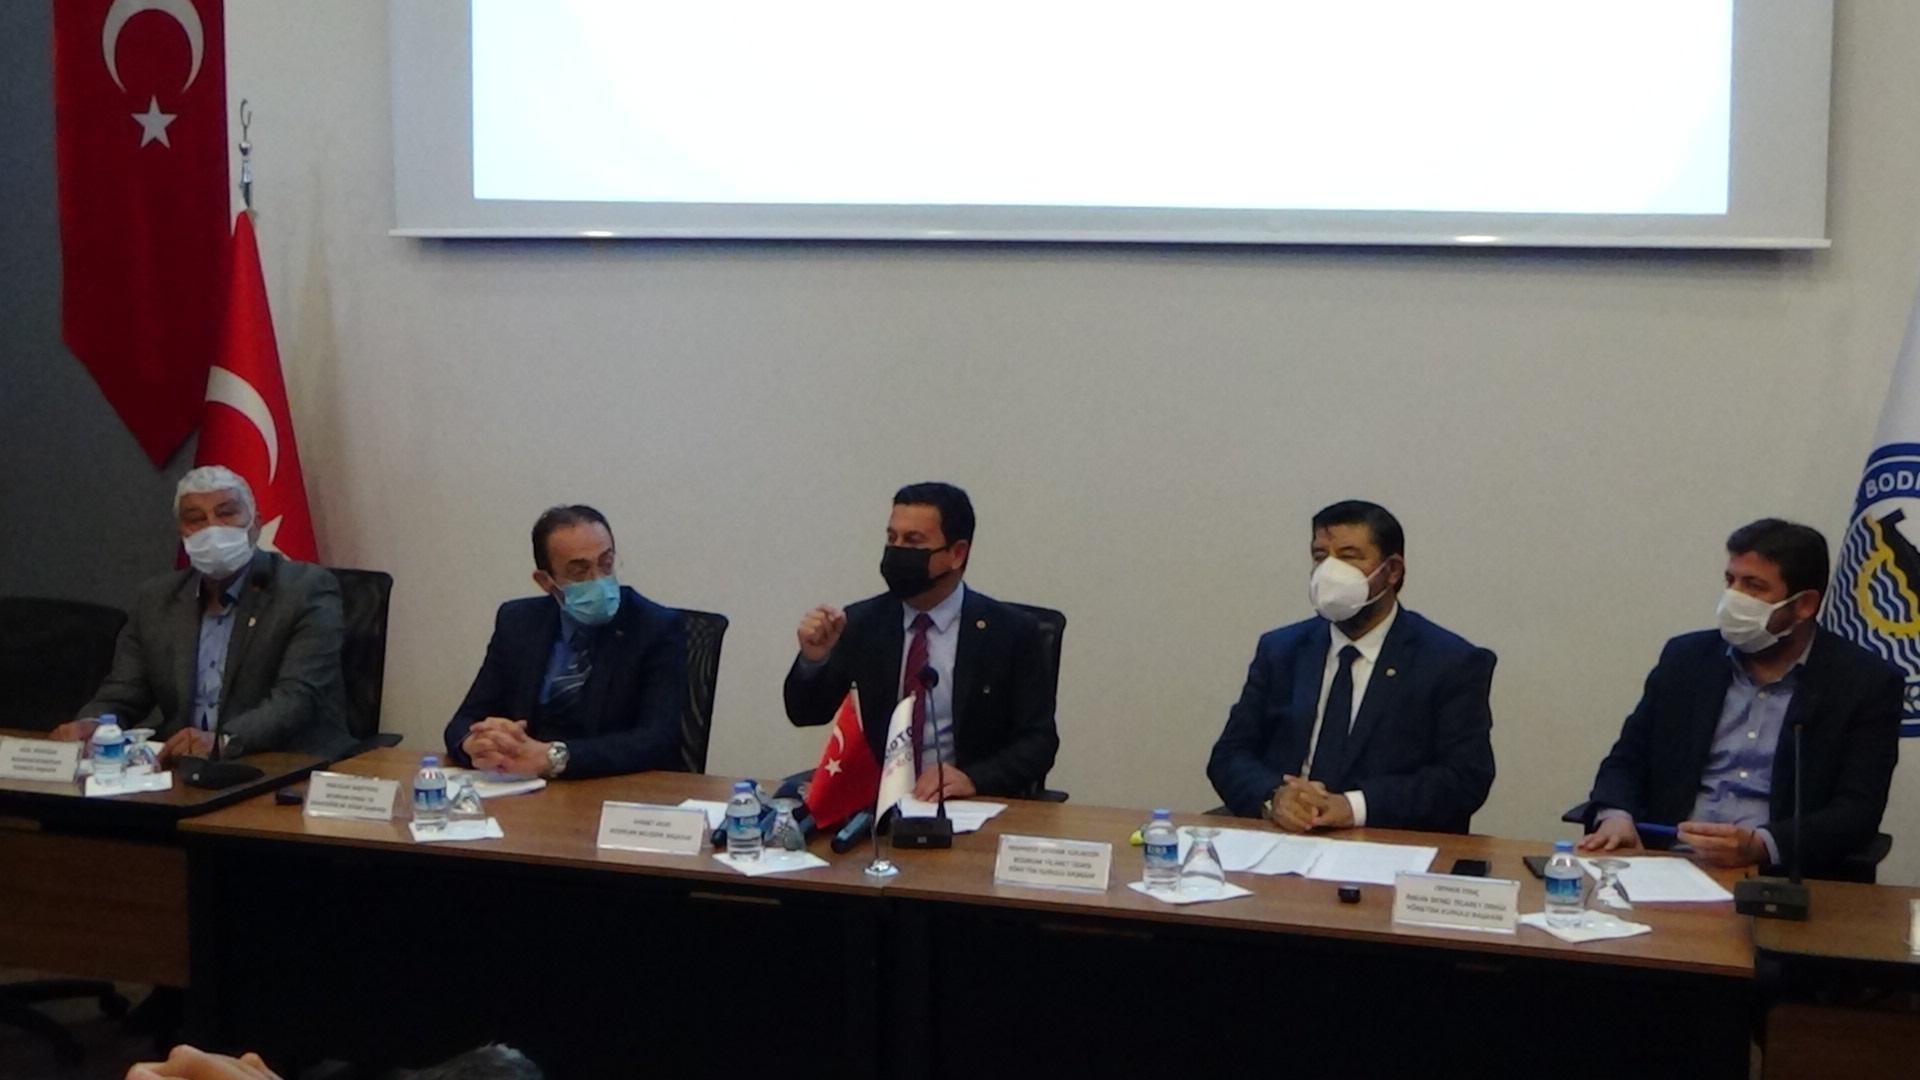 Başkan Aras: Belinde silah olanları Bodrum'da istemiyoruz